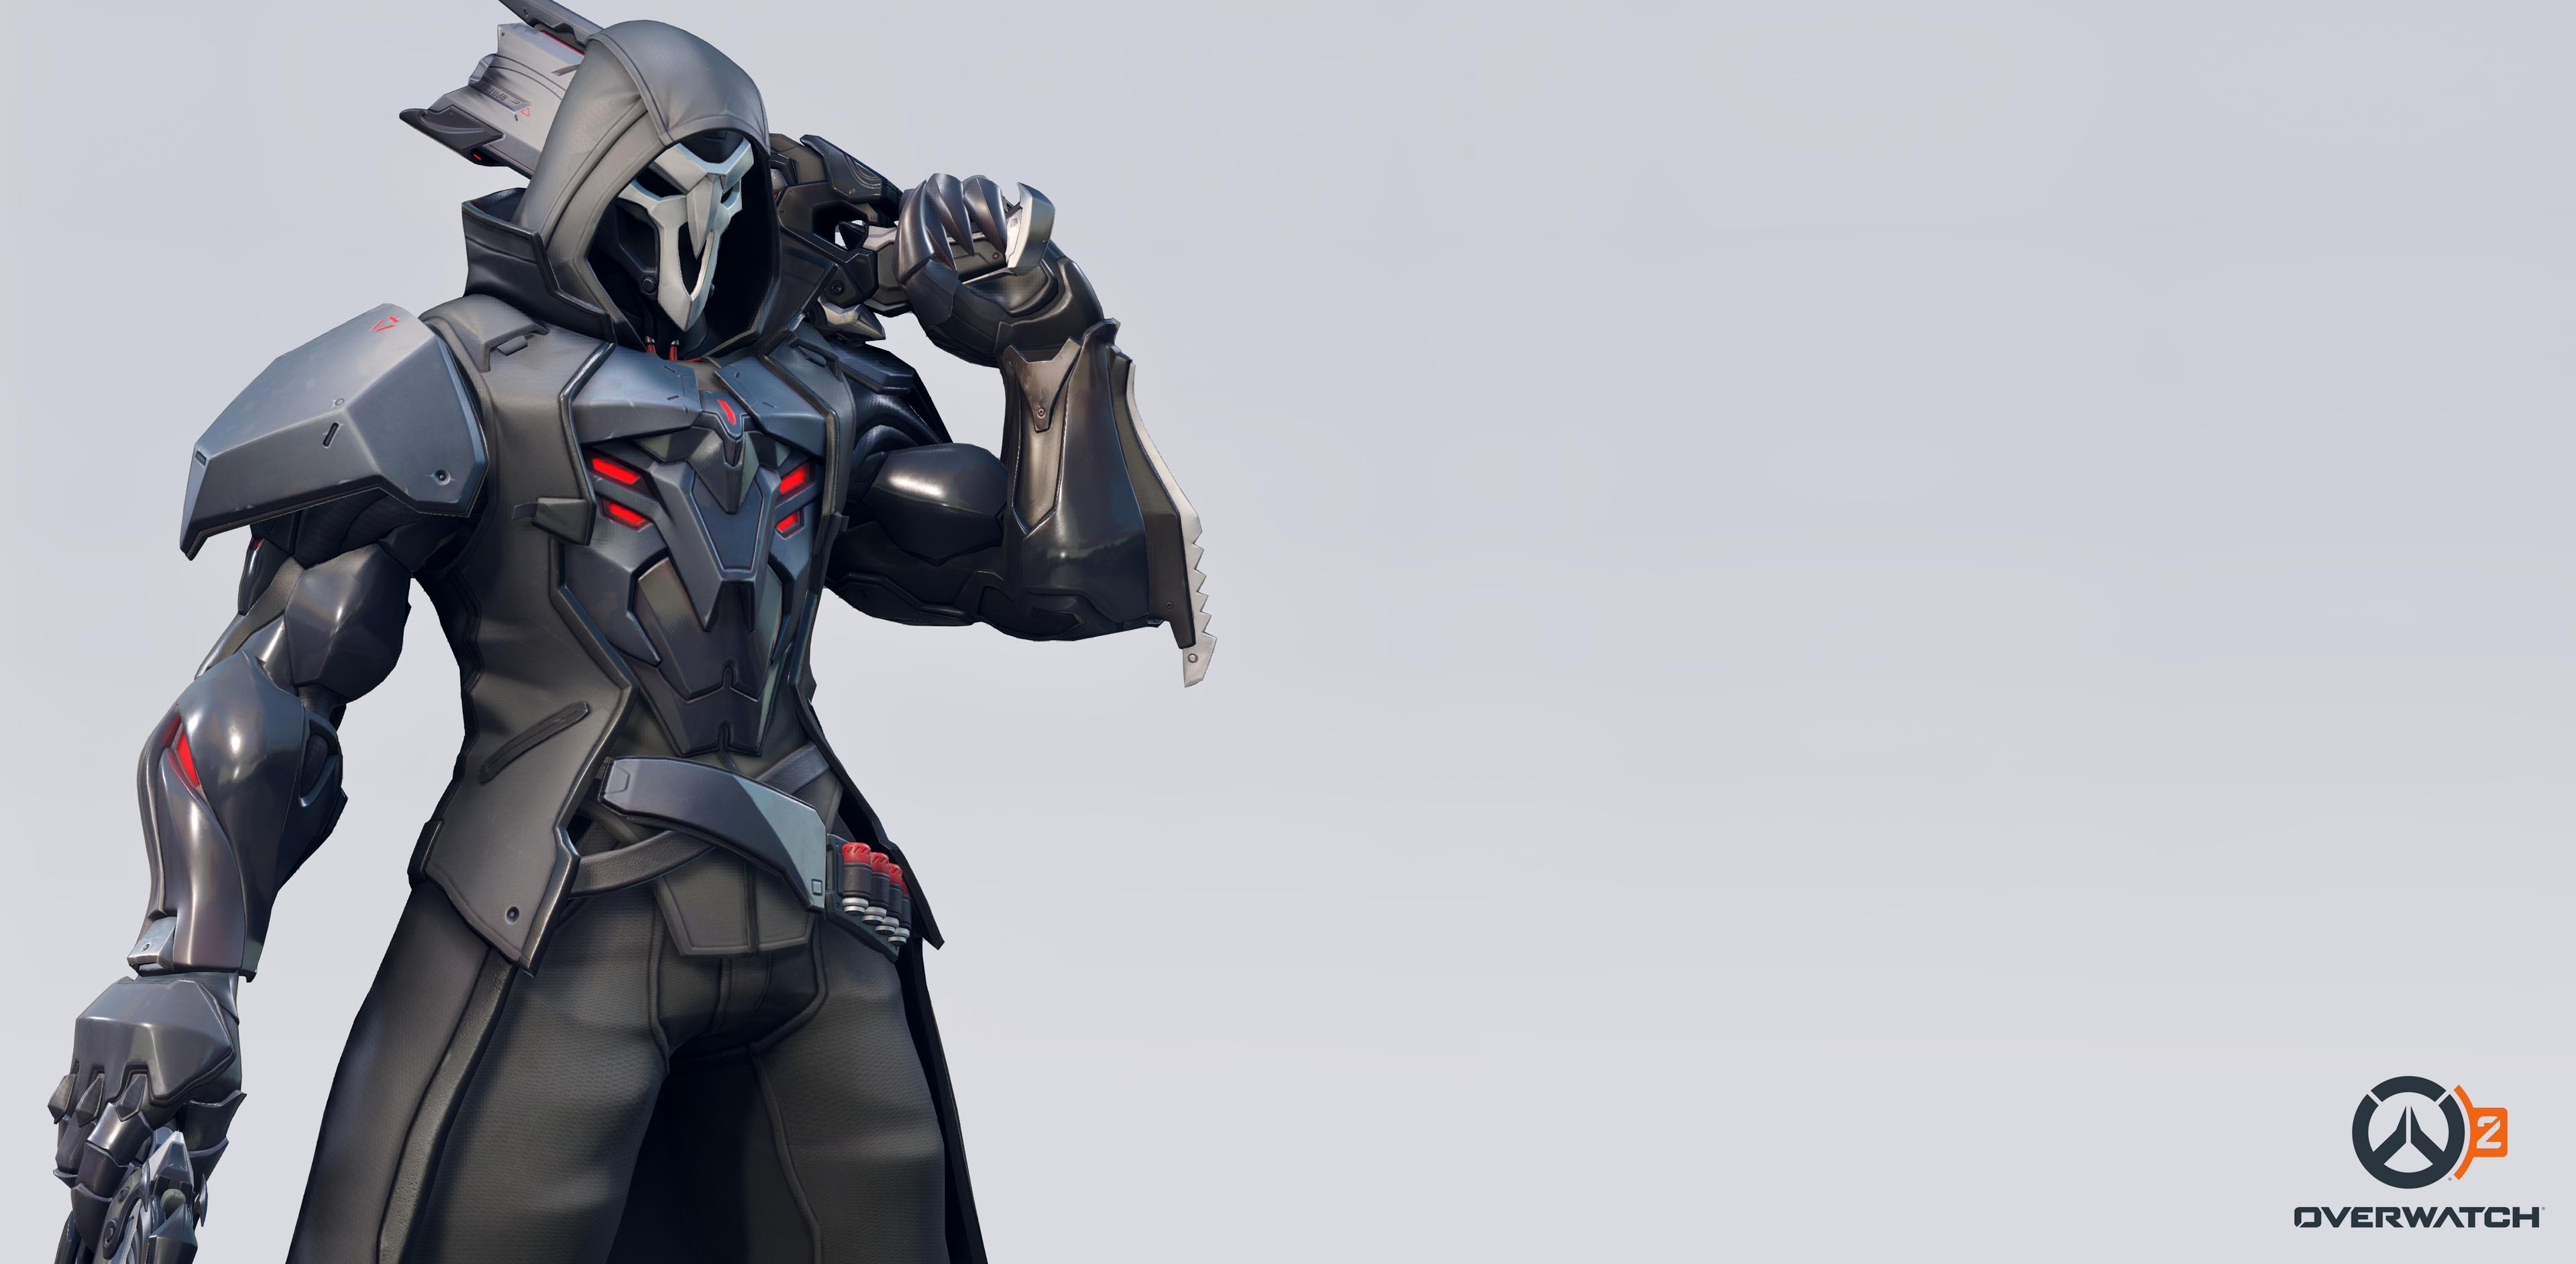 Жнец - Overwatch 2